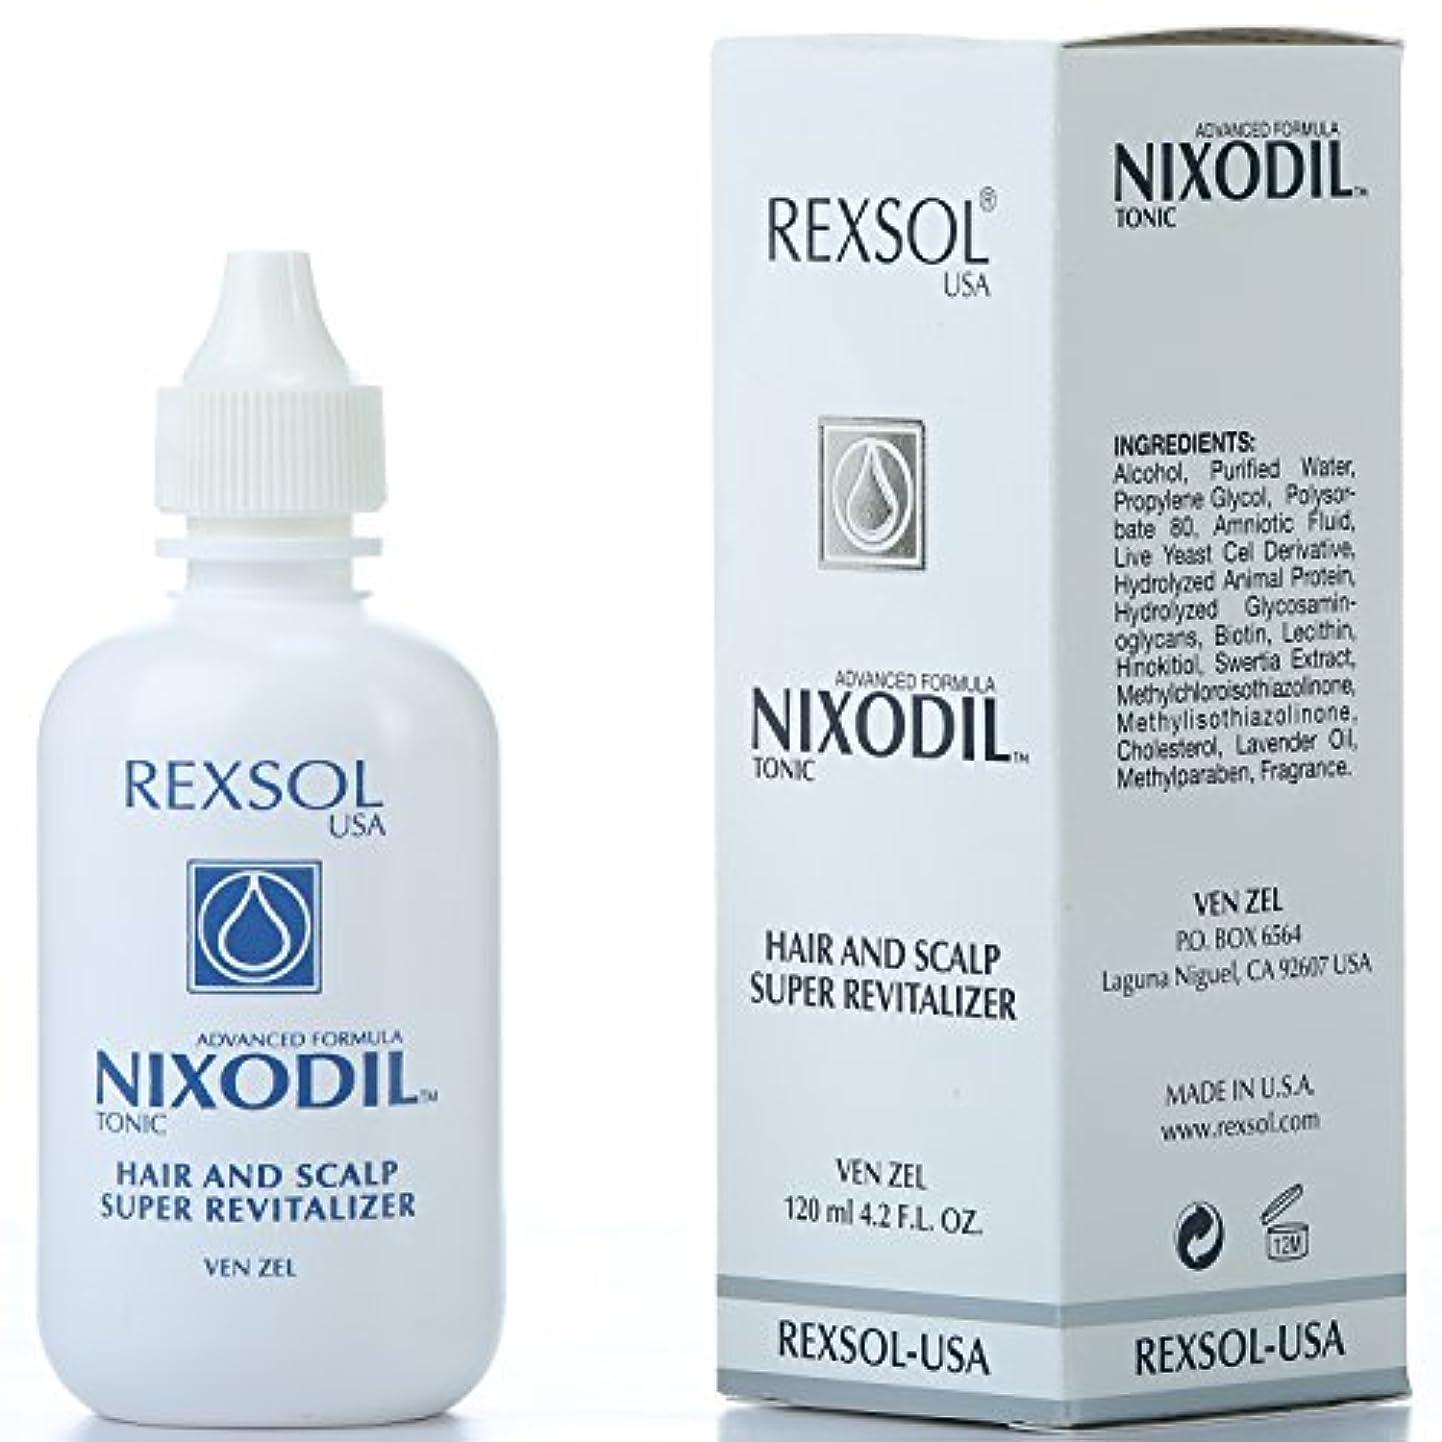 無効にするジャンプする隠されたREXSOLニクソディルヘア&スカルプスーパーリバイタライザー| ライブ酵母細胞誘導体、ビオチン、レシチン、Swertia Extract&ラベンダーオイル| 毛の損失と刺激的な成長を防ぎます(120 ml / 4.2...